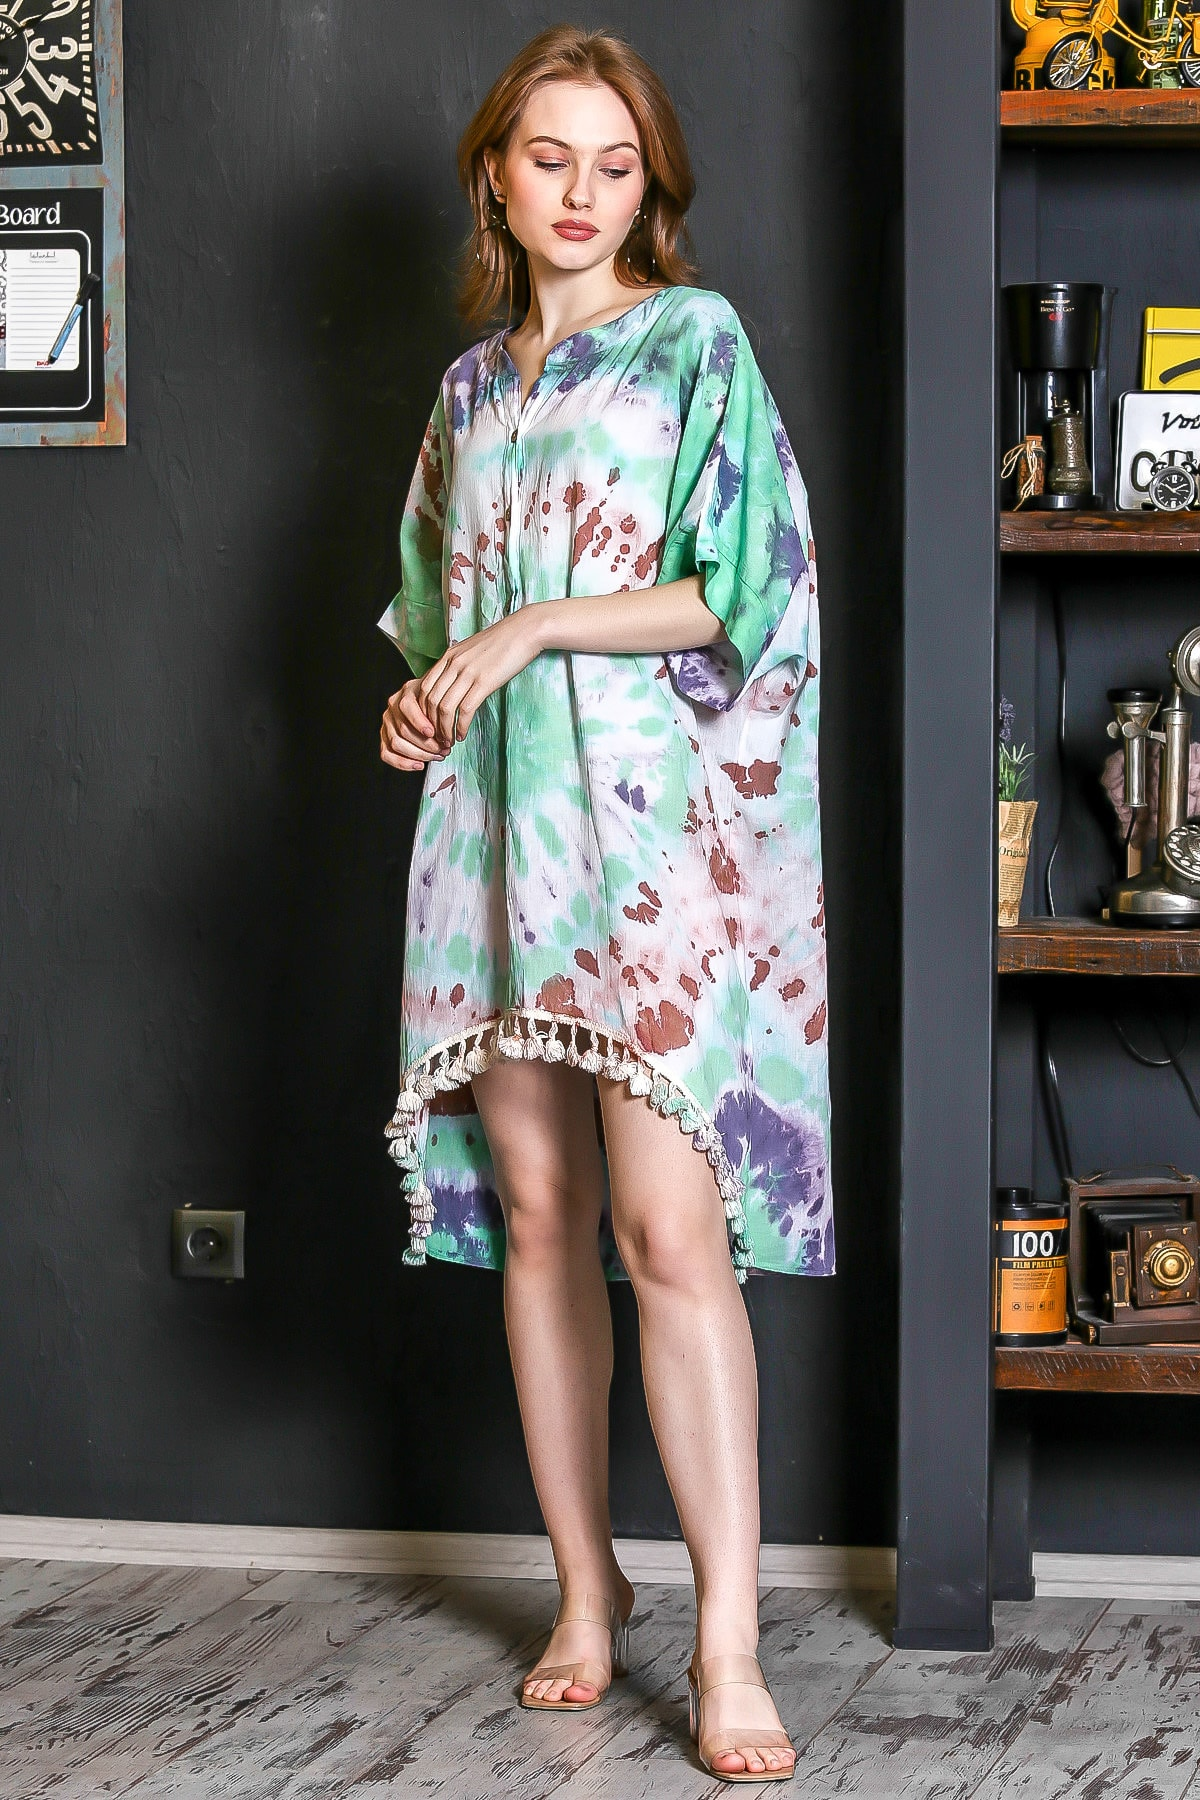 Chiccy Kadın Yeşil Patı Düğmeli Etek Ucu Püsküllü Batik Desen Salaş Elbise M10160000EL95224 2